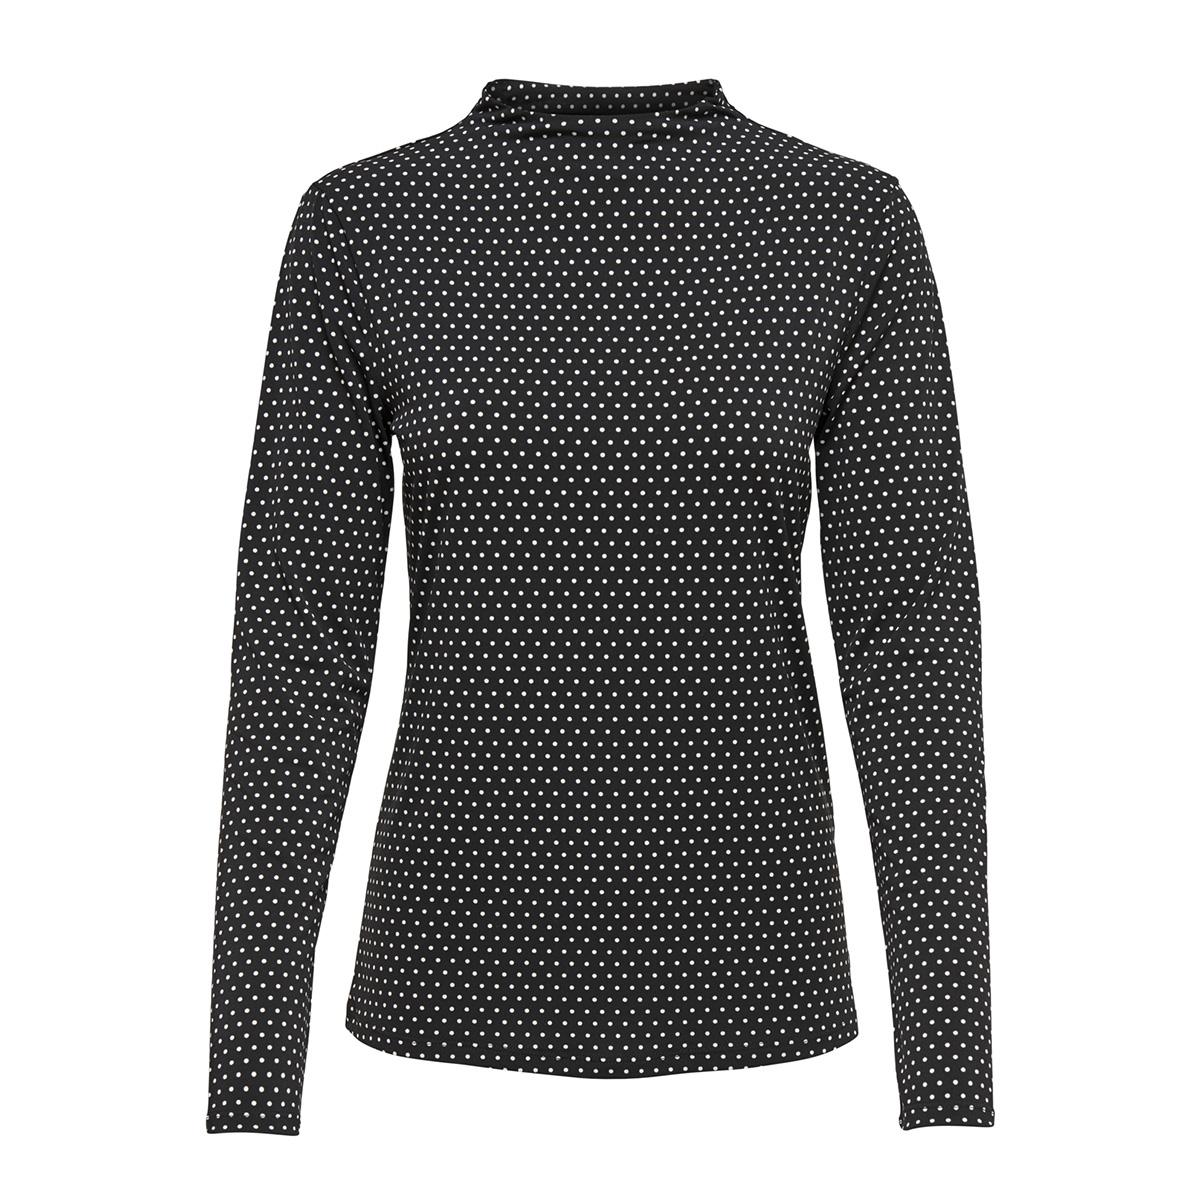 jdydotta l/s top jrs 15165987 jacqueline de yong t-shirt black/dots